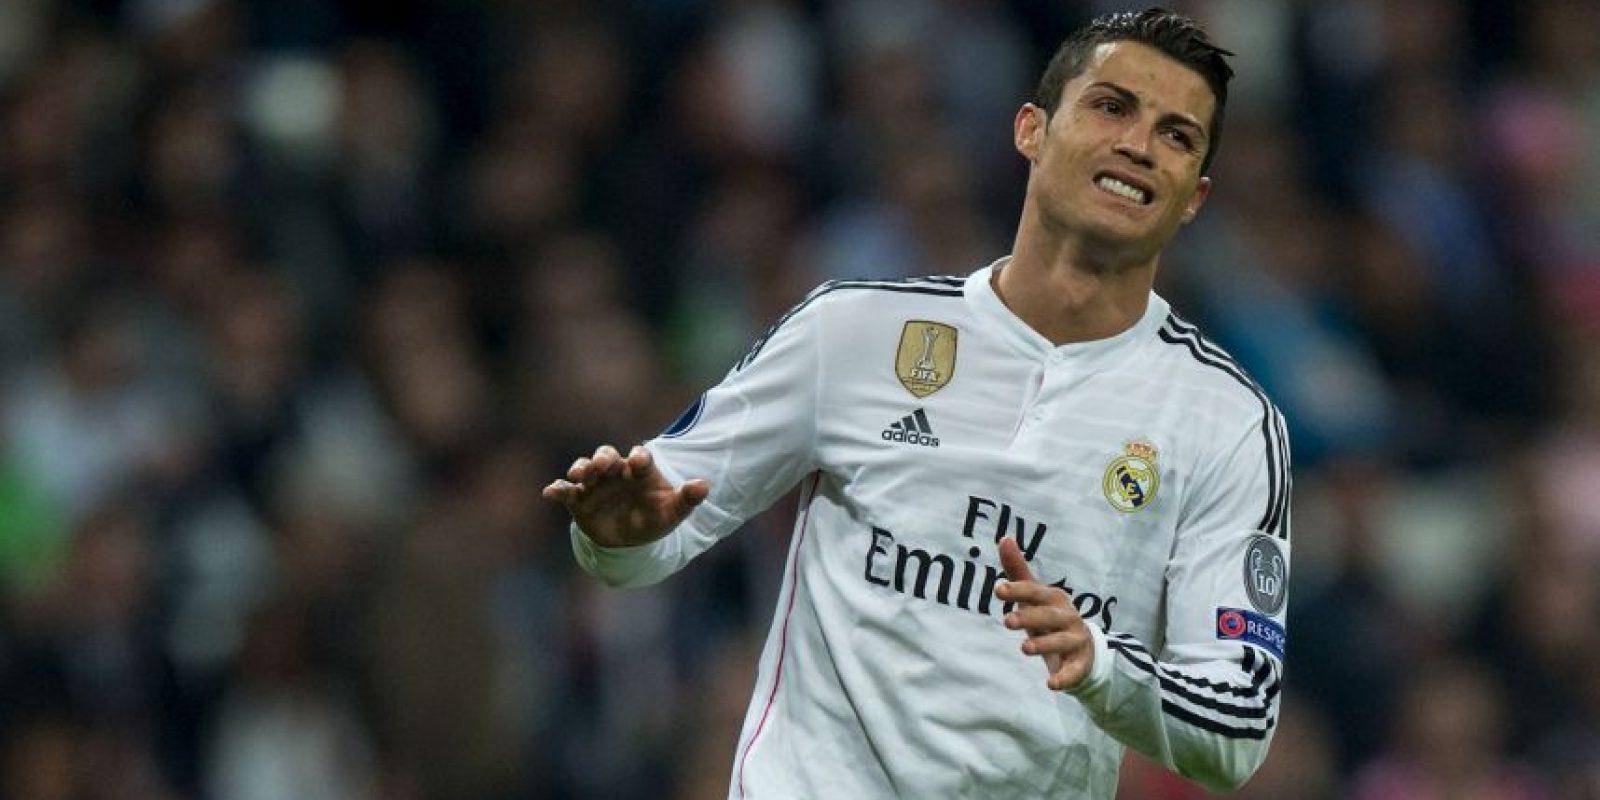 2015 no ha sido el mejor año para Cristiano Ronaldo. Foto:Getty Images